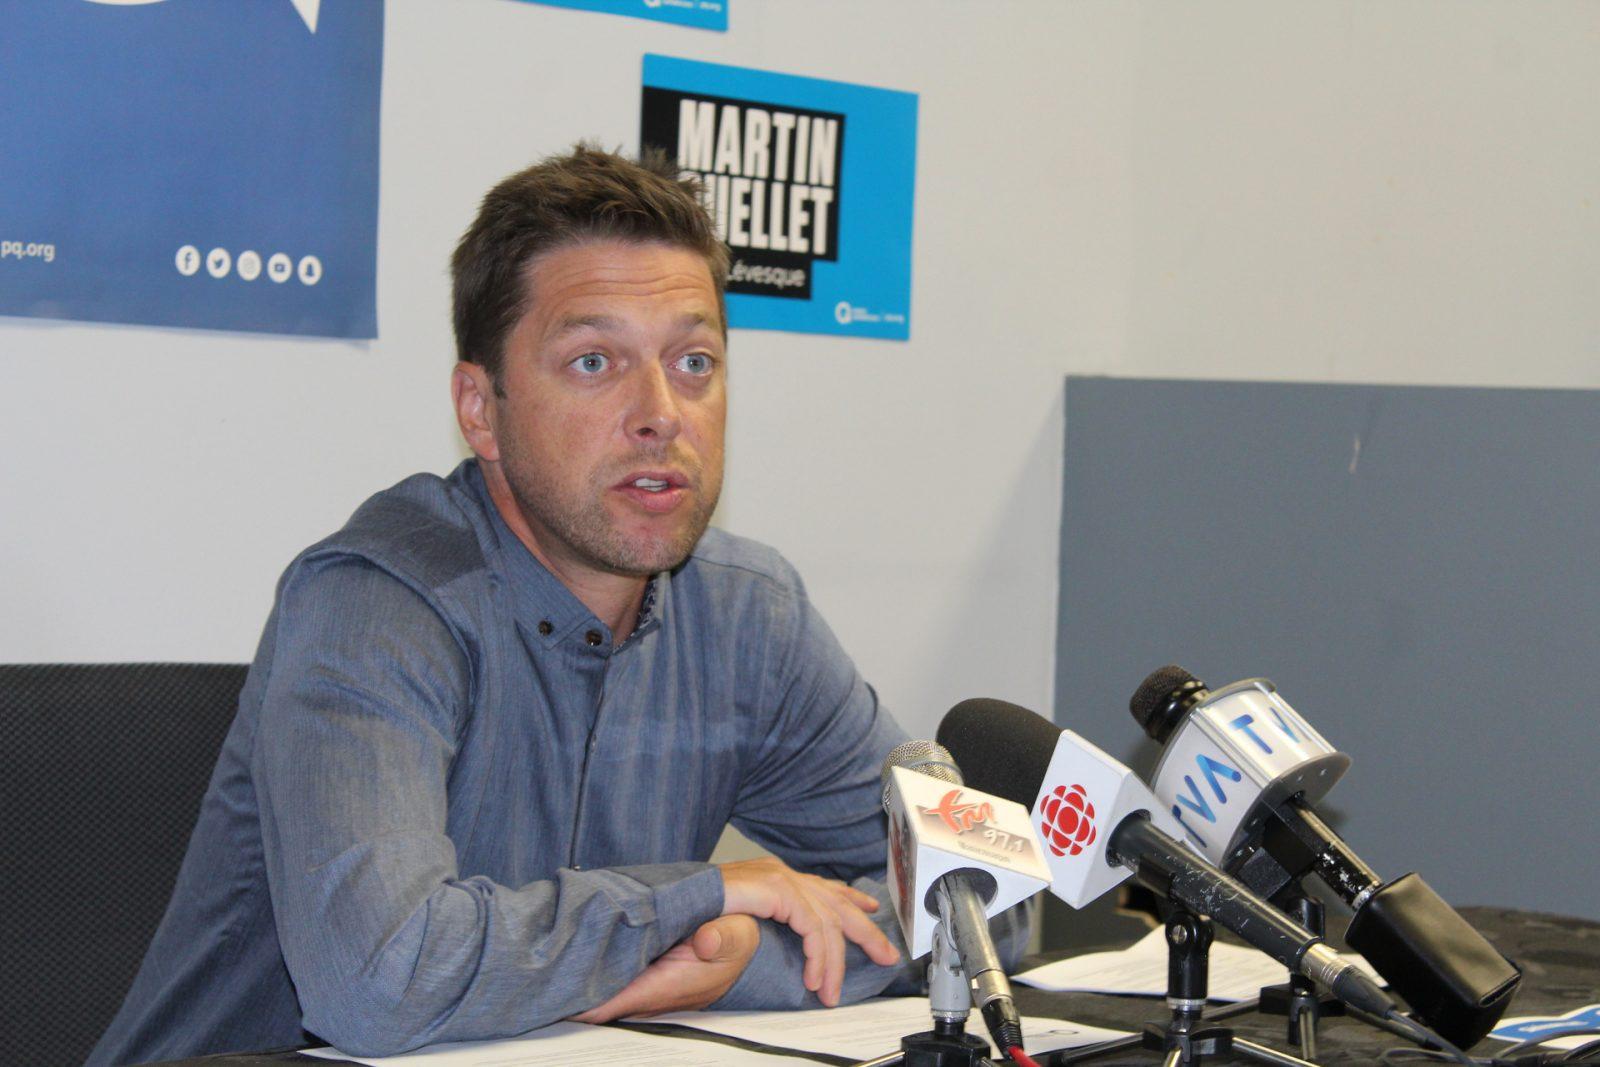 Martin Ouellet aura du pain sur la planche – Le PQ reconnu comme groupe parlementaire